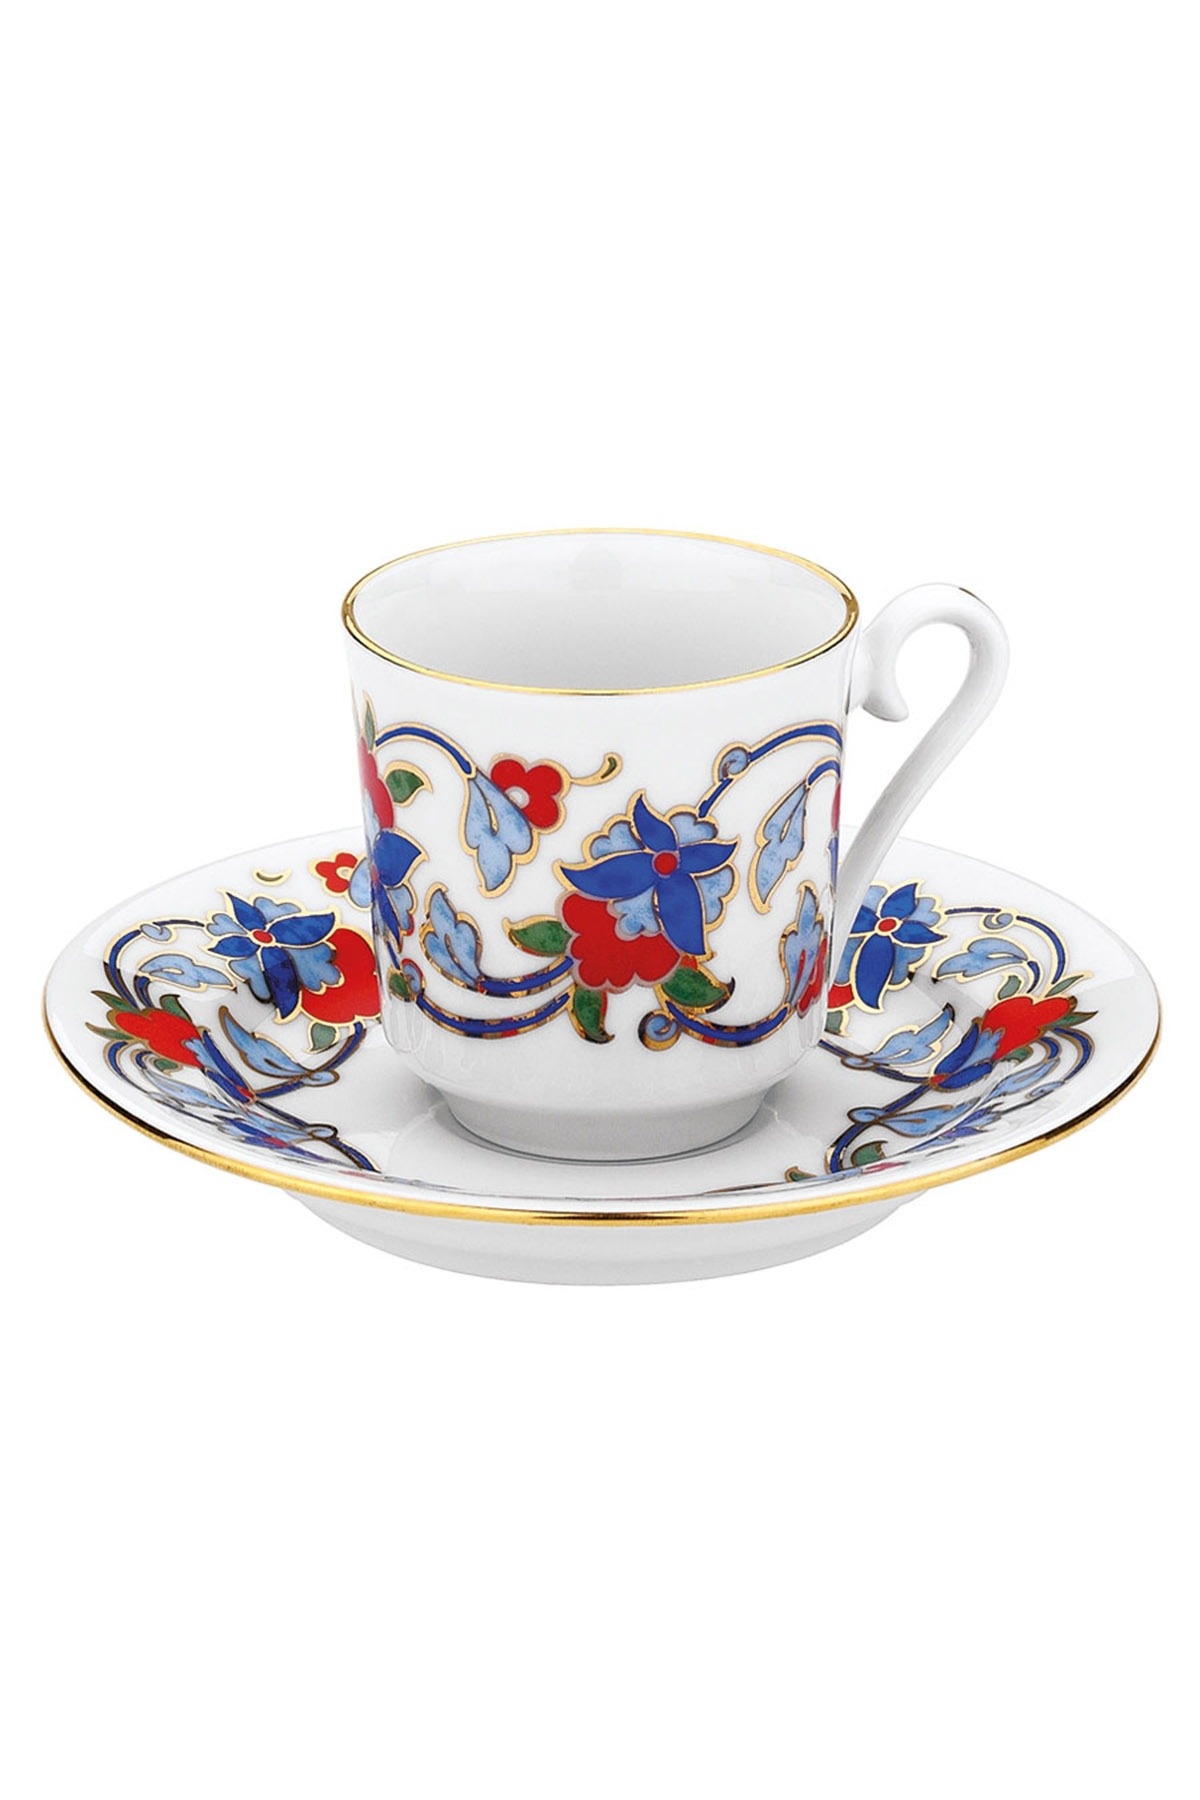 Kütahya Porselen 554 Desen Kahve Fincan Takımı